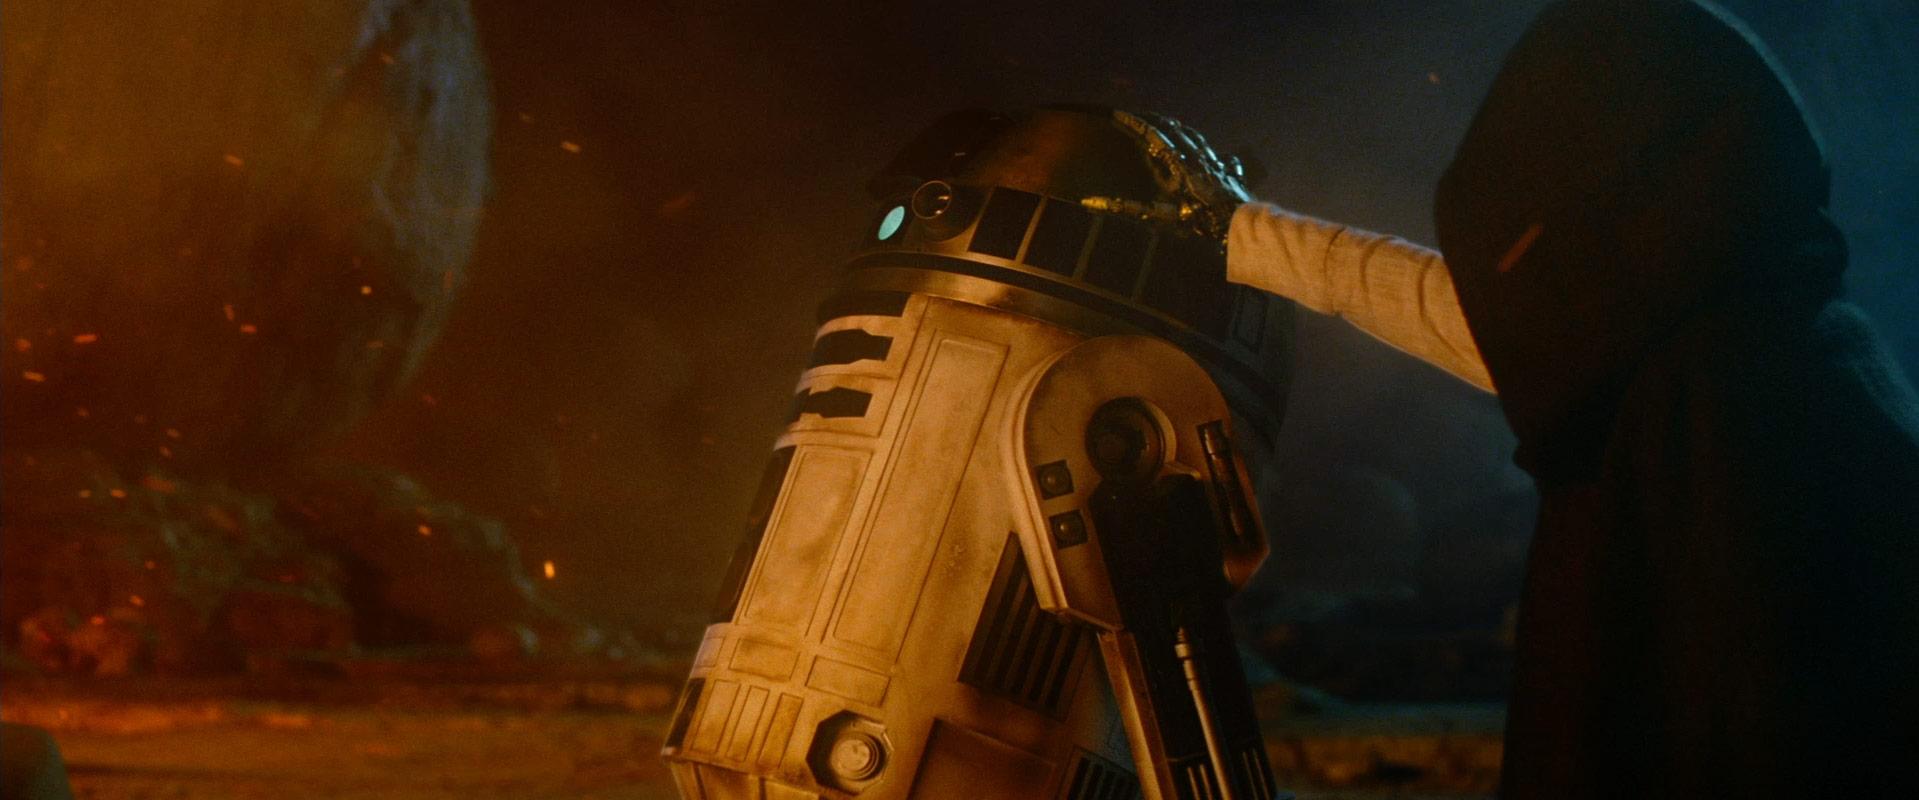 The Force Awakens teaser 2 wallpaper